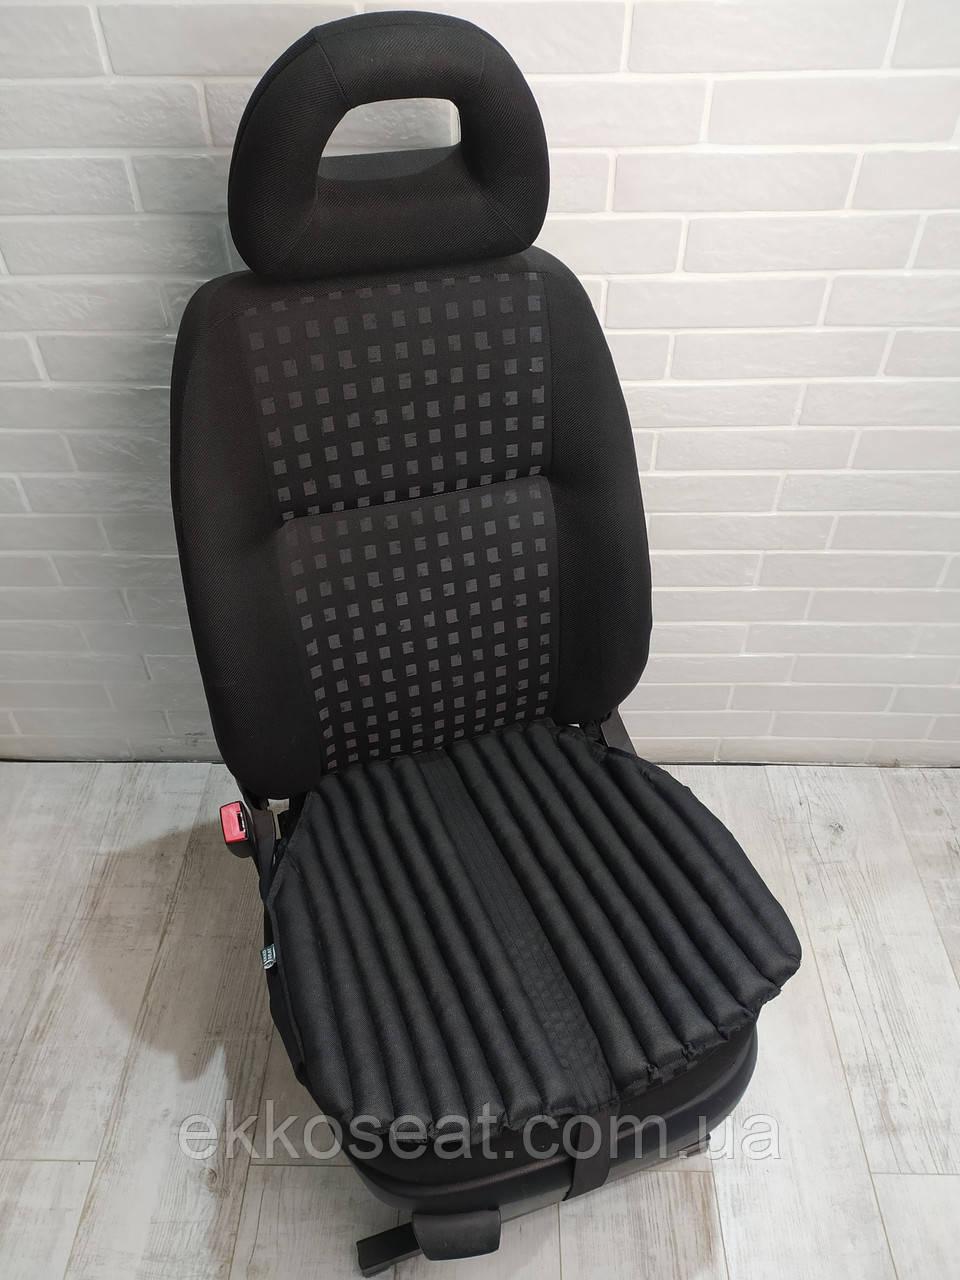 Подушка на авто сиденье EKKOSEAT. Черная, серая, бежевая. Универсальная.